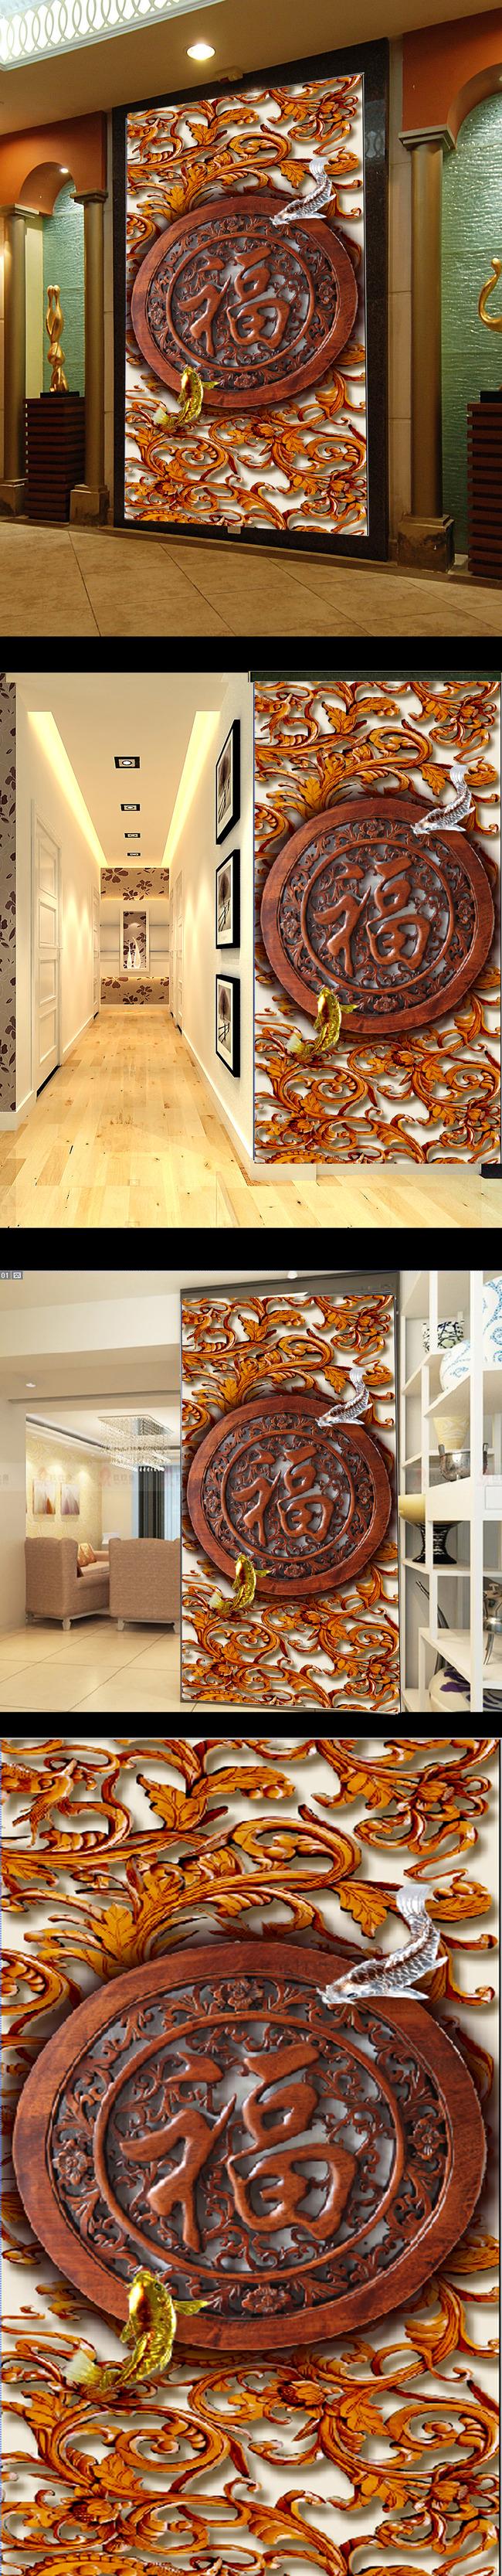 客厅木雕福字玄关背景墙图片